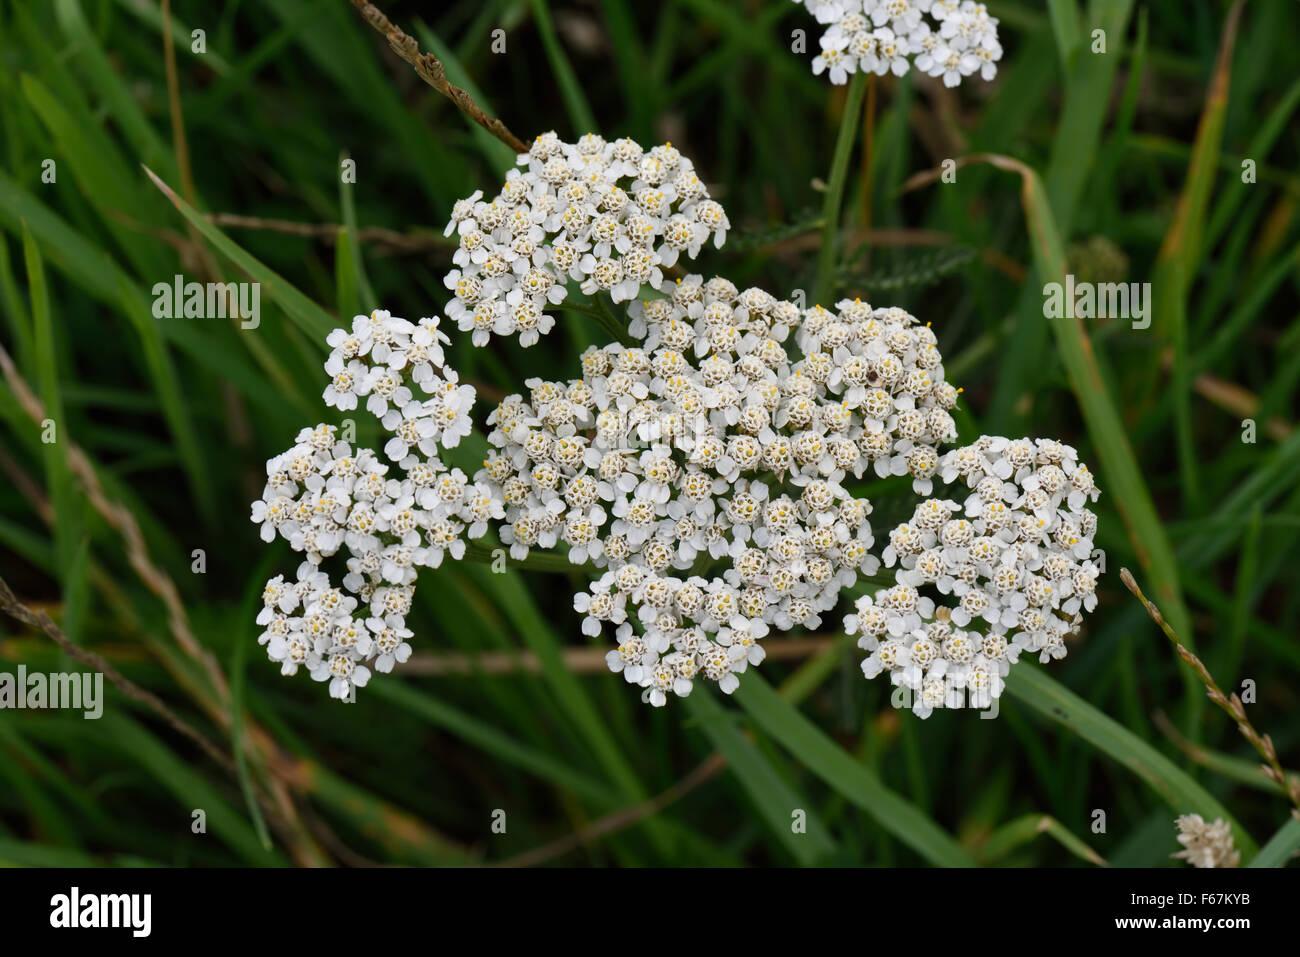 White flower of yarrow, Achillea millefolium, in grassland, Berkshire, August - Stock Image